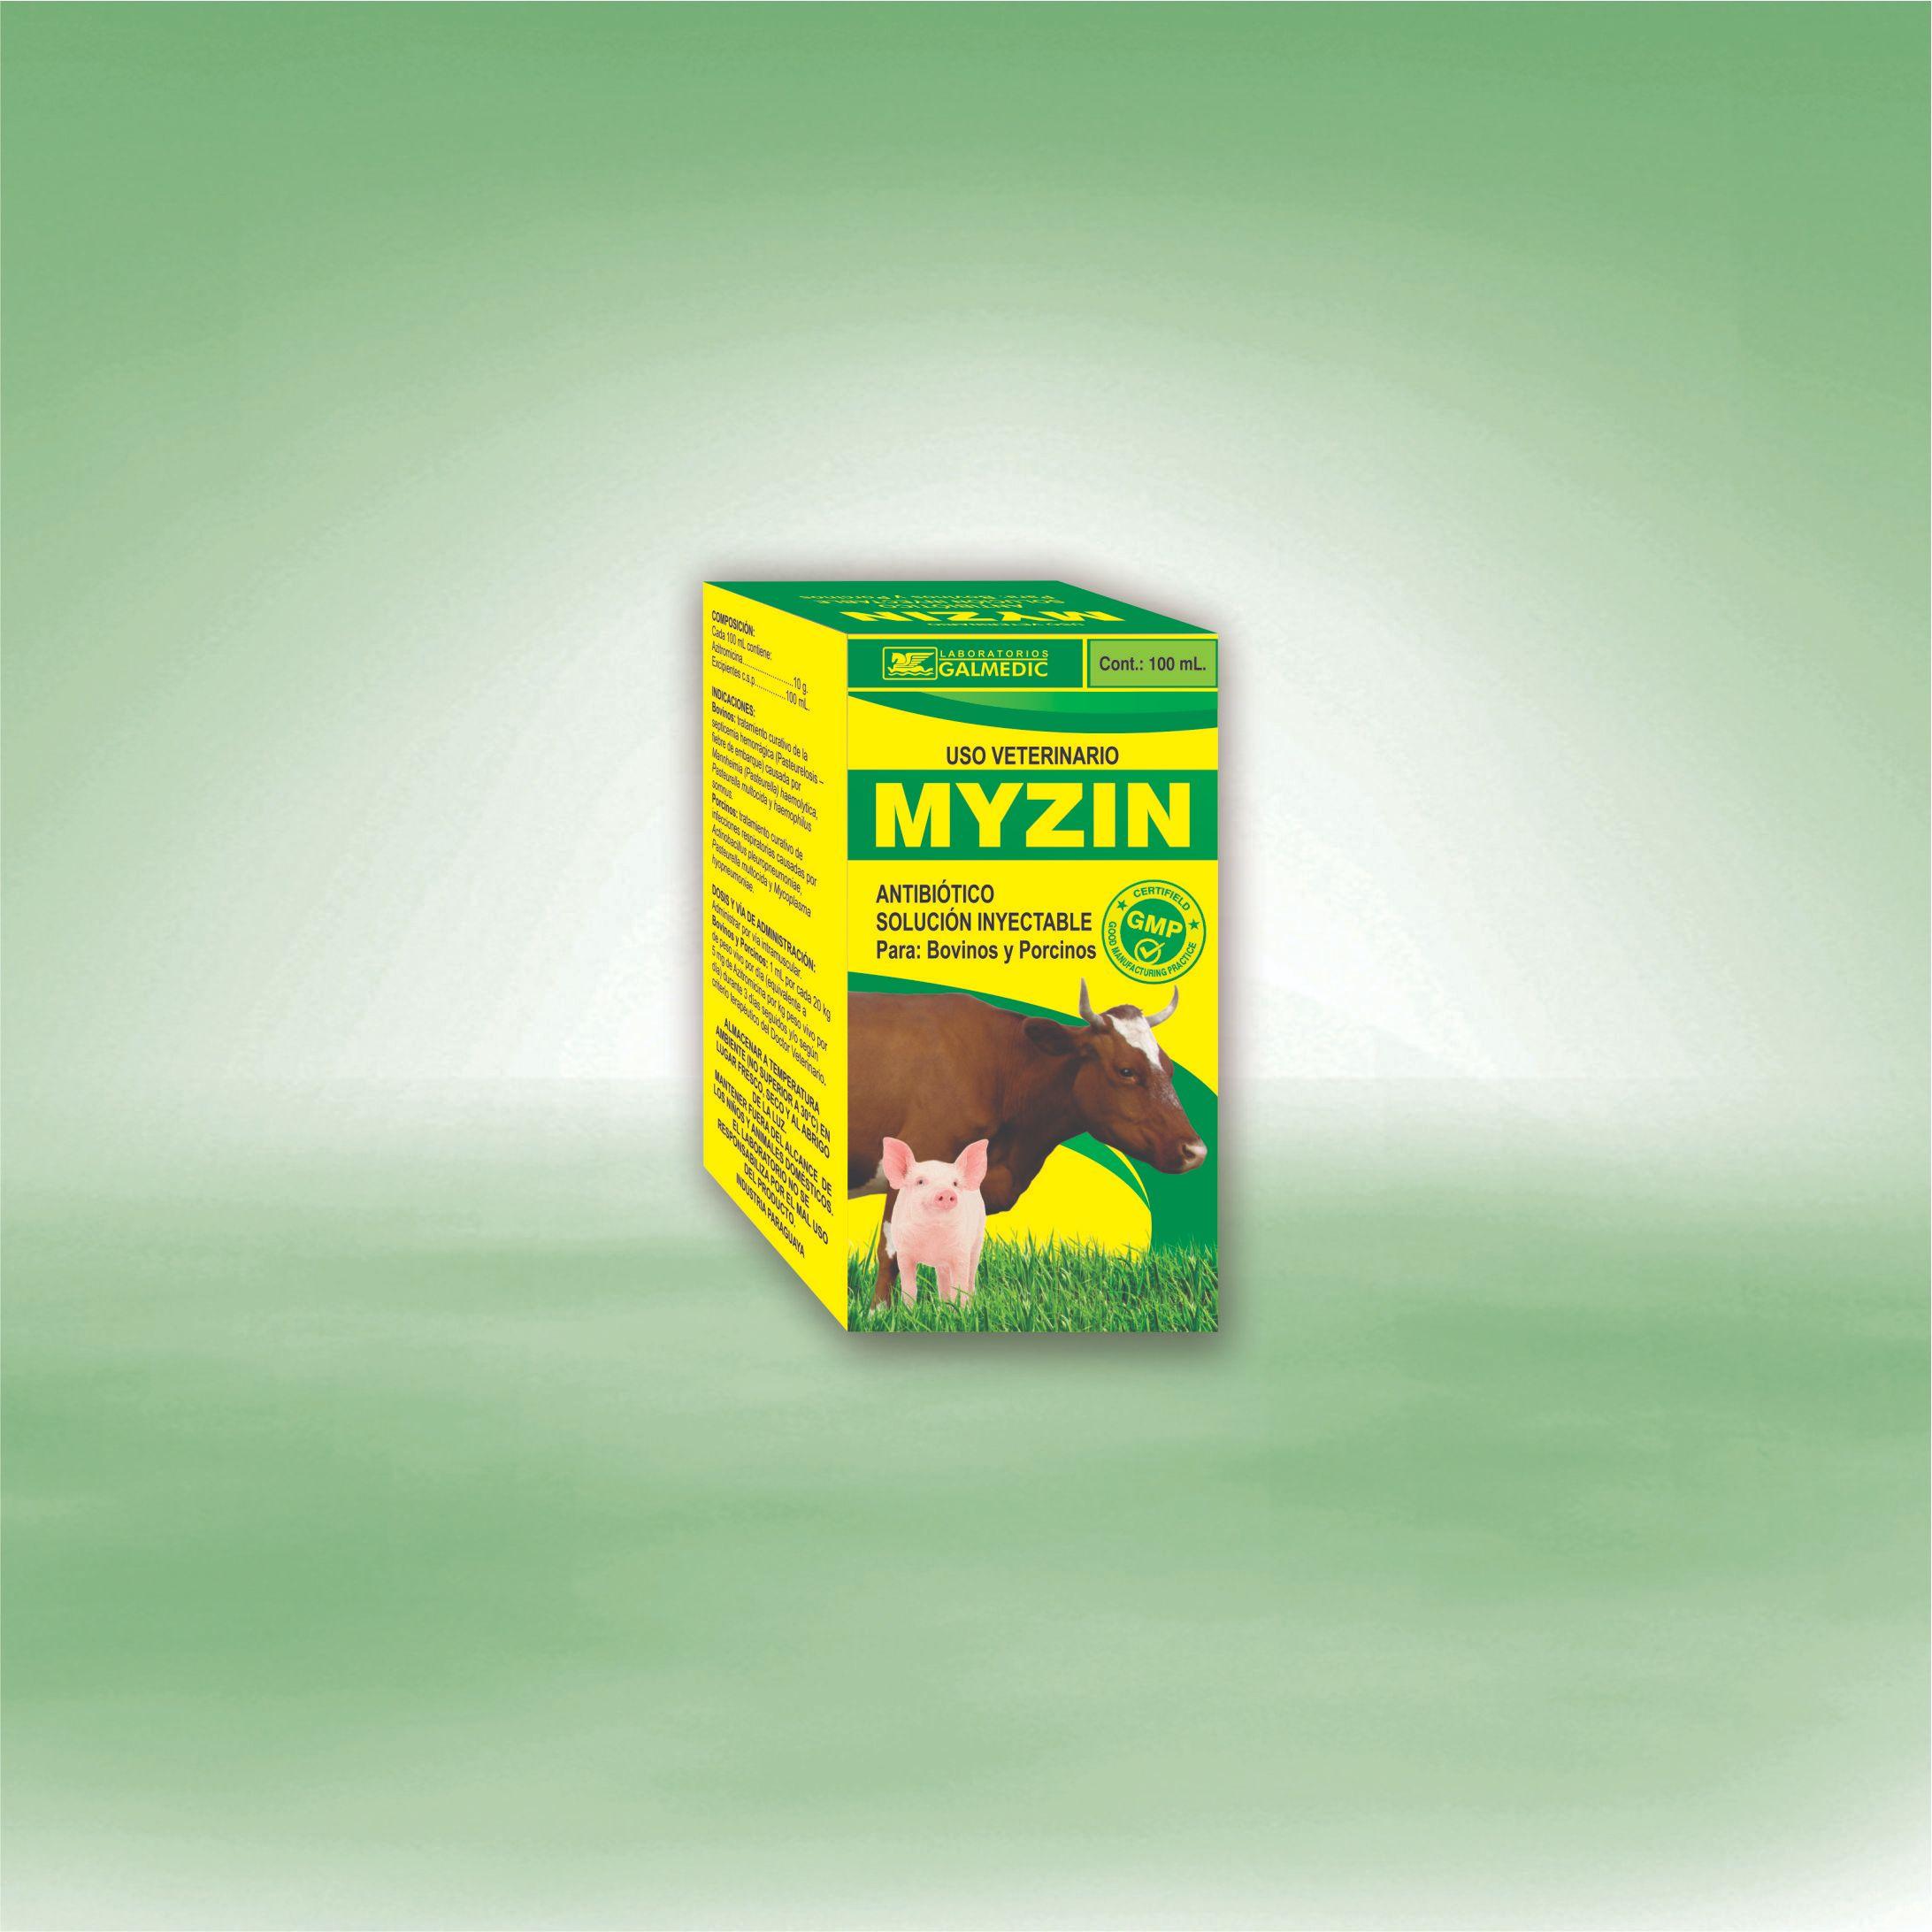 MYZIN